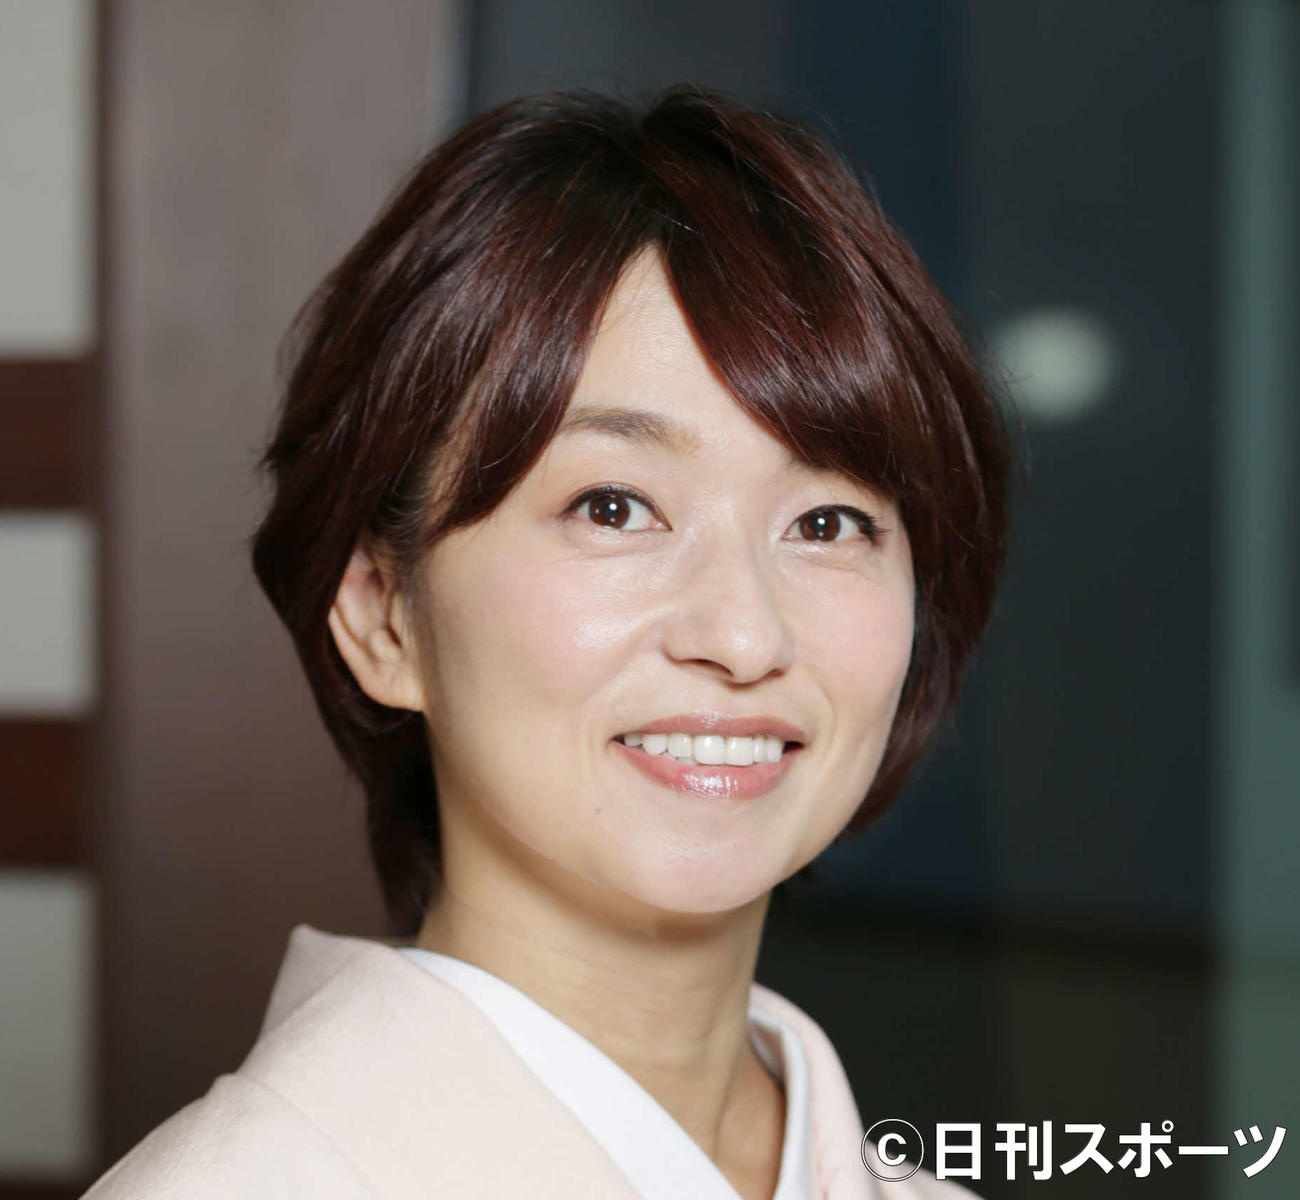 住吉美紀アナウンサー(19年11月撮影)